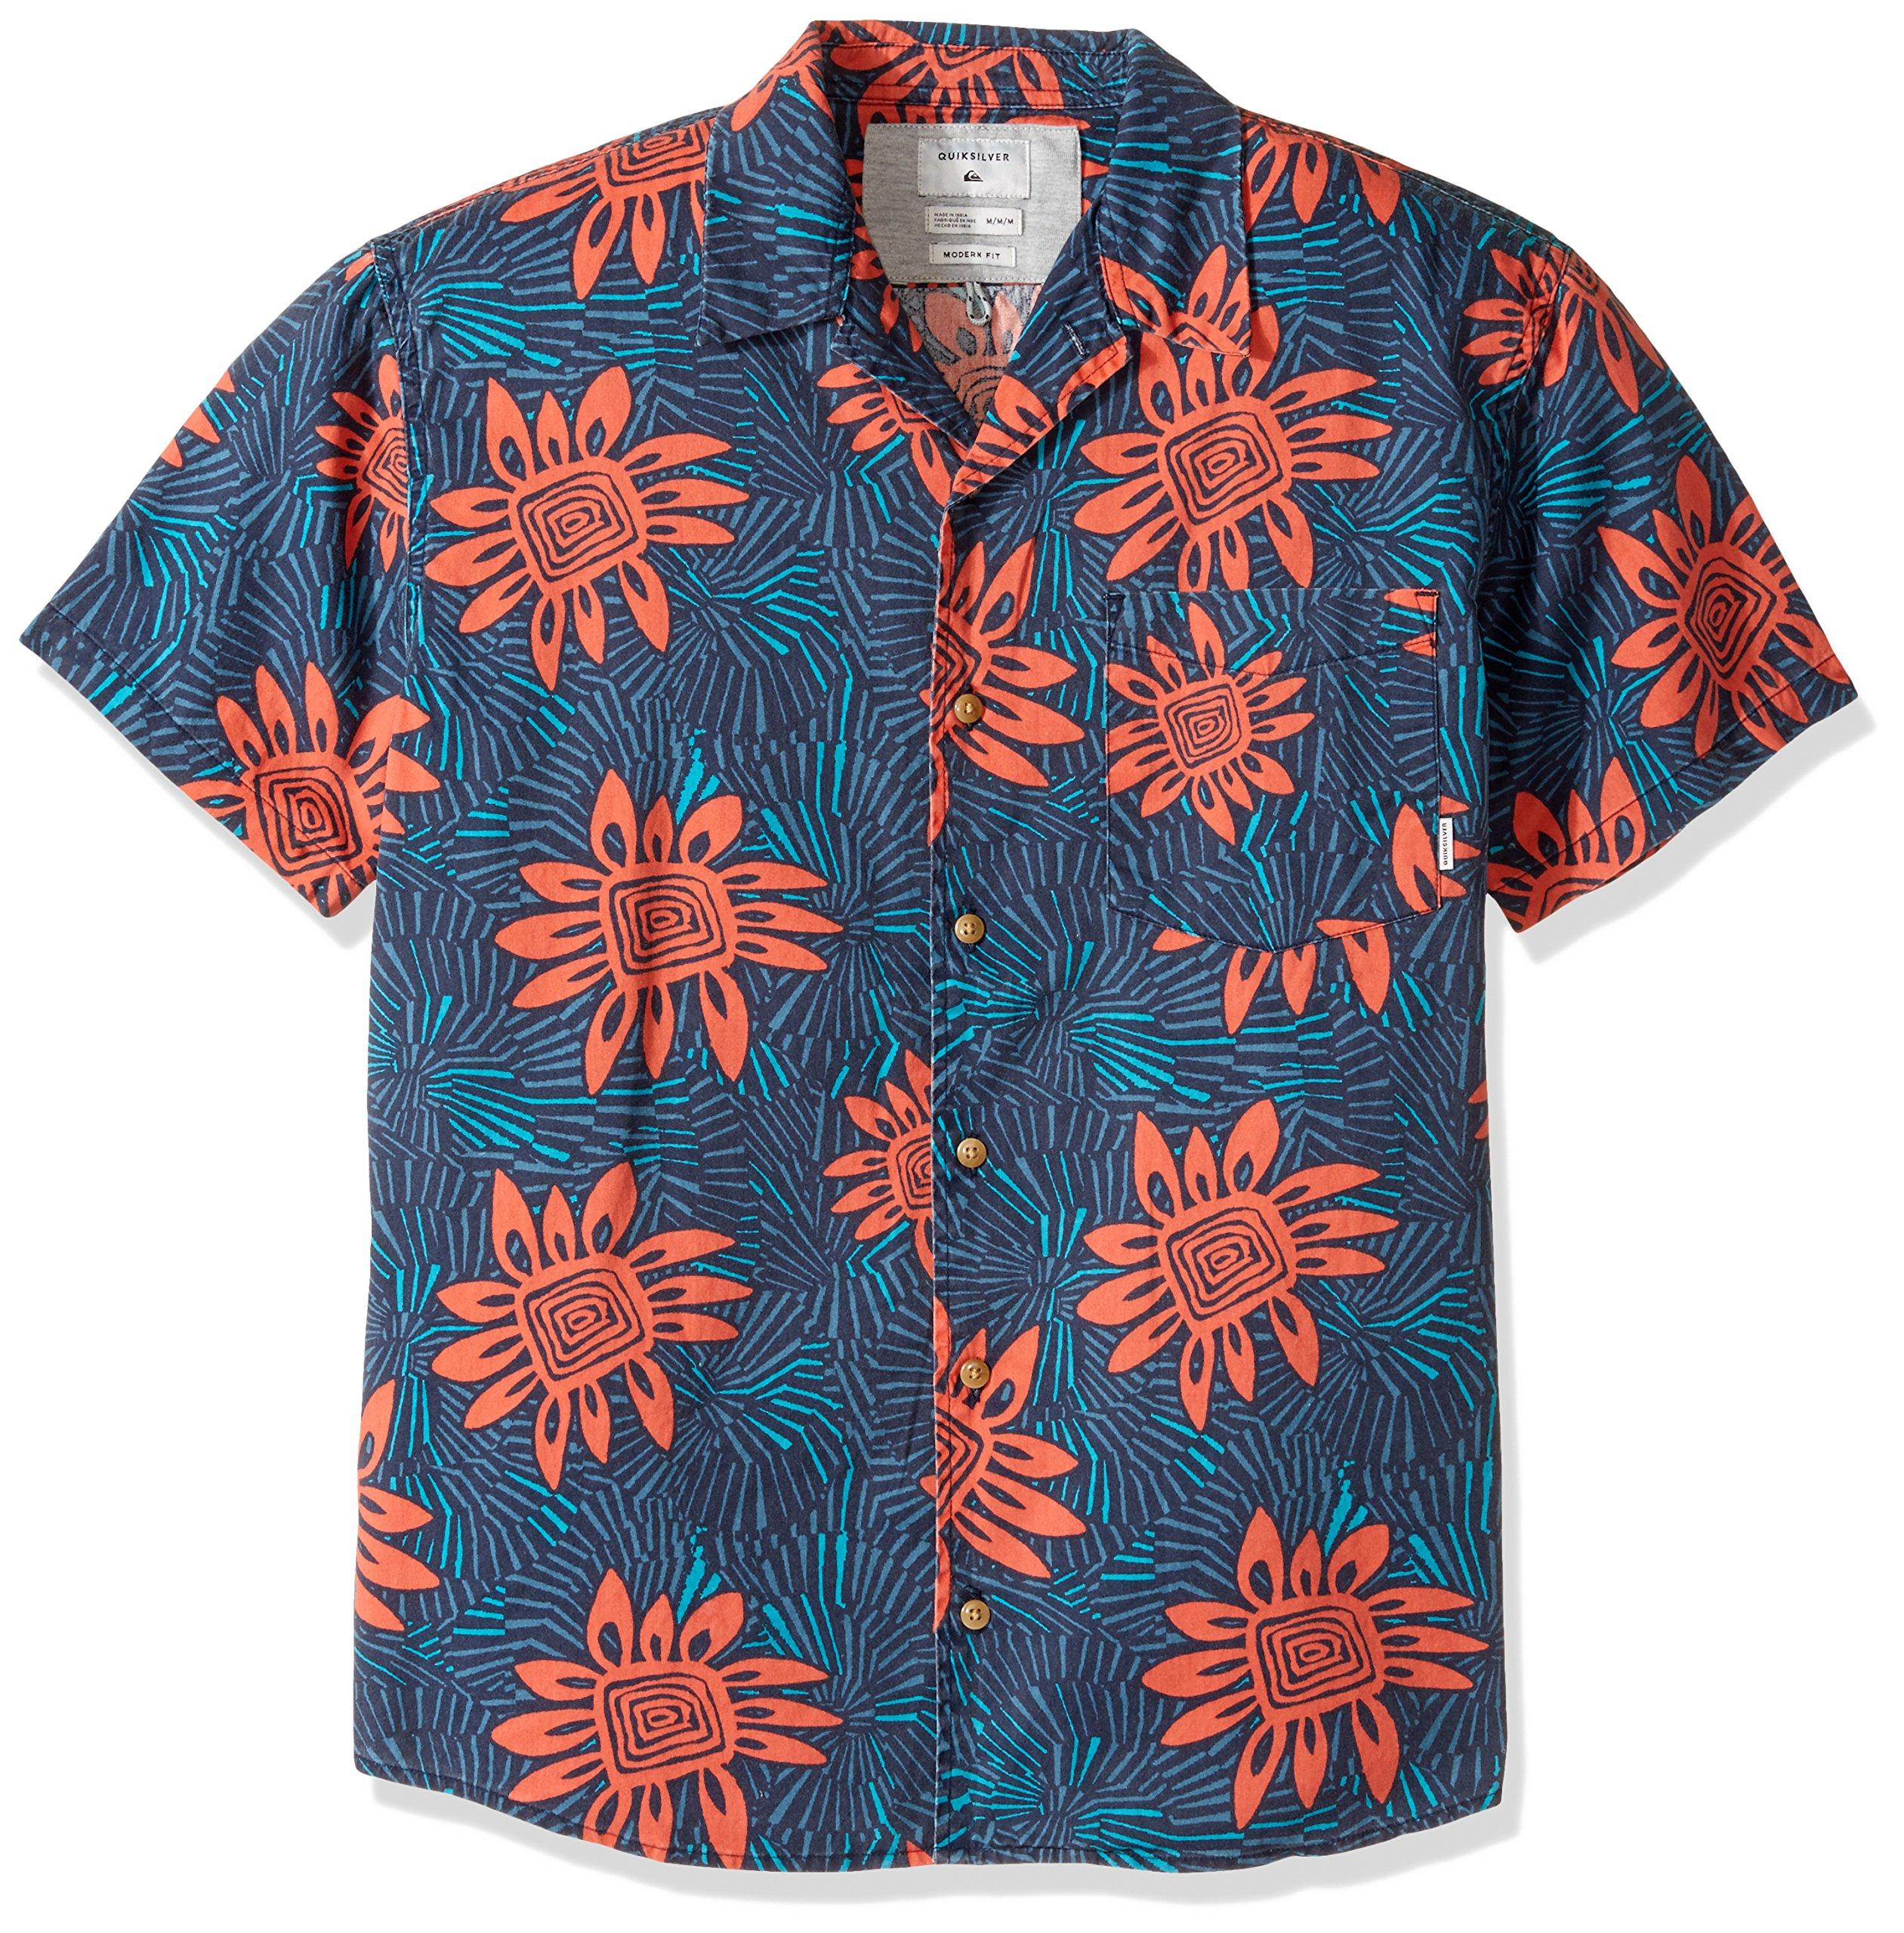 Quiksilver Men's Indian Summer Button Down Shirt, Burnt Sienna Indian Summer, Medium